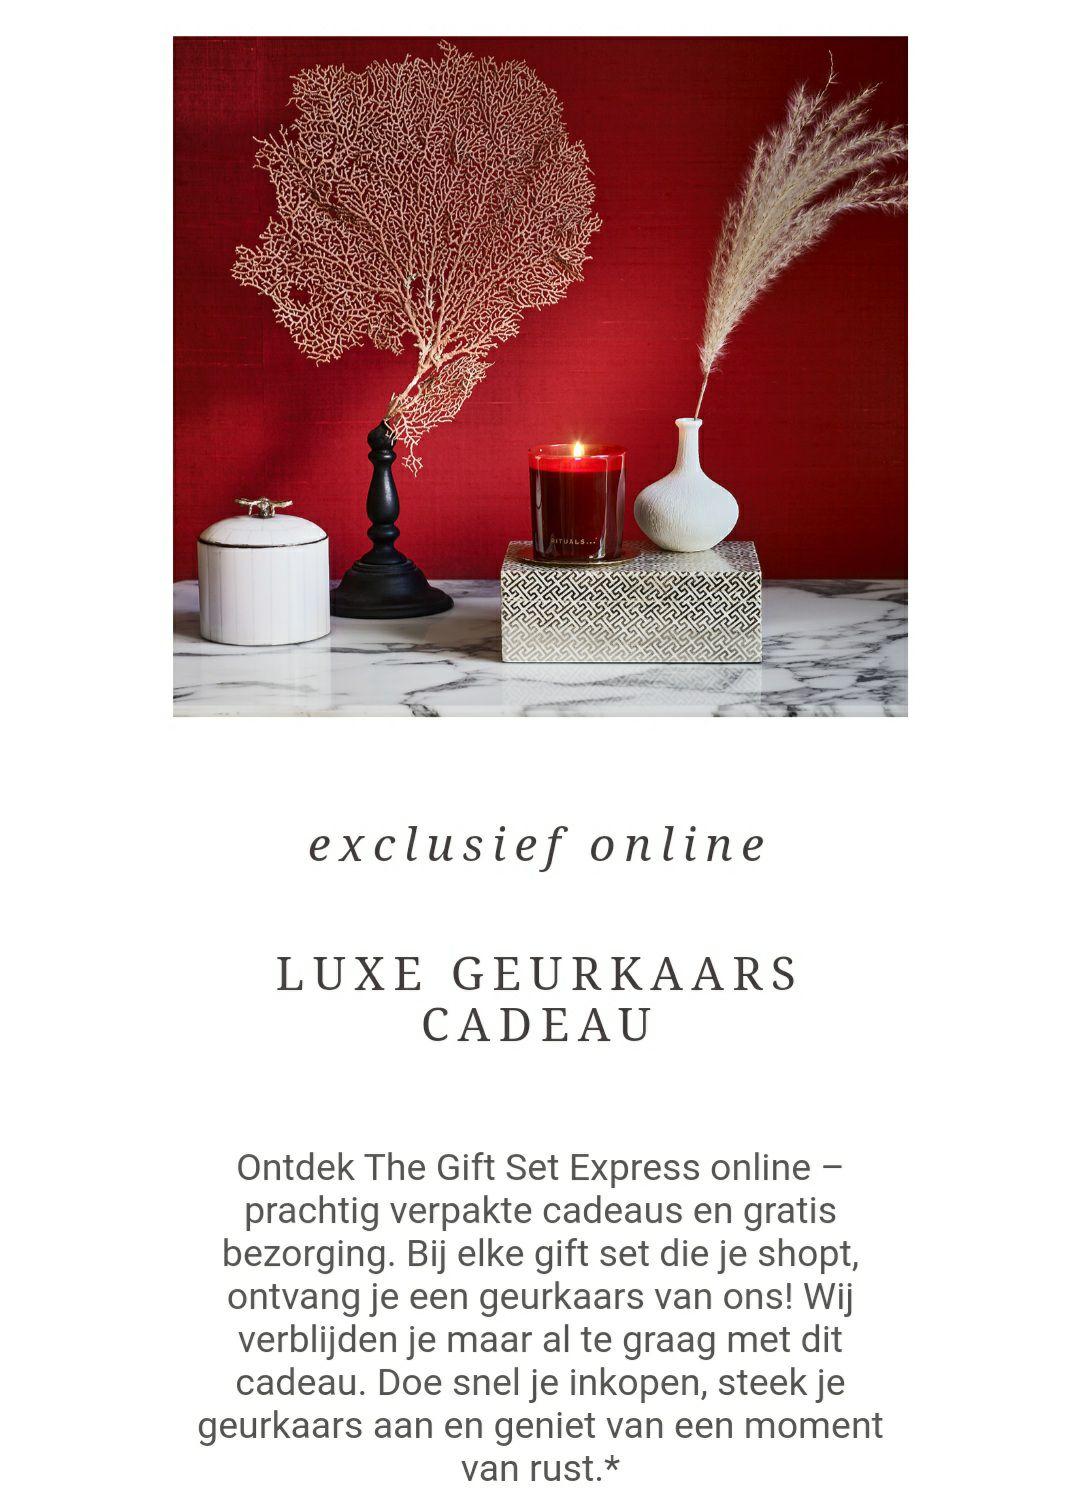 Luxe geurkaars cadeau bij elke giftset rituals vanaf €20,90